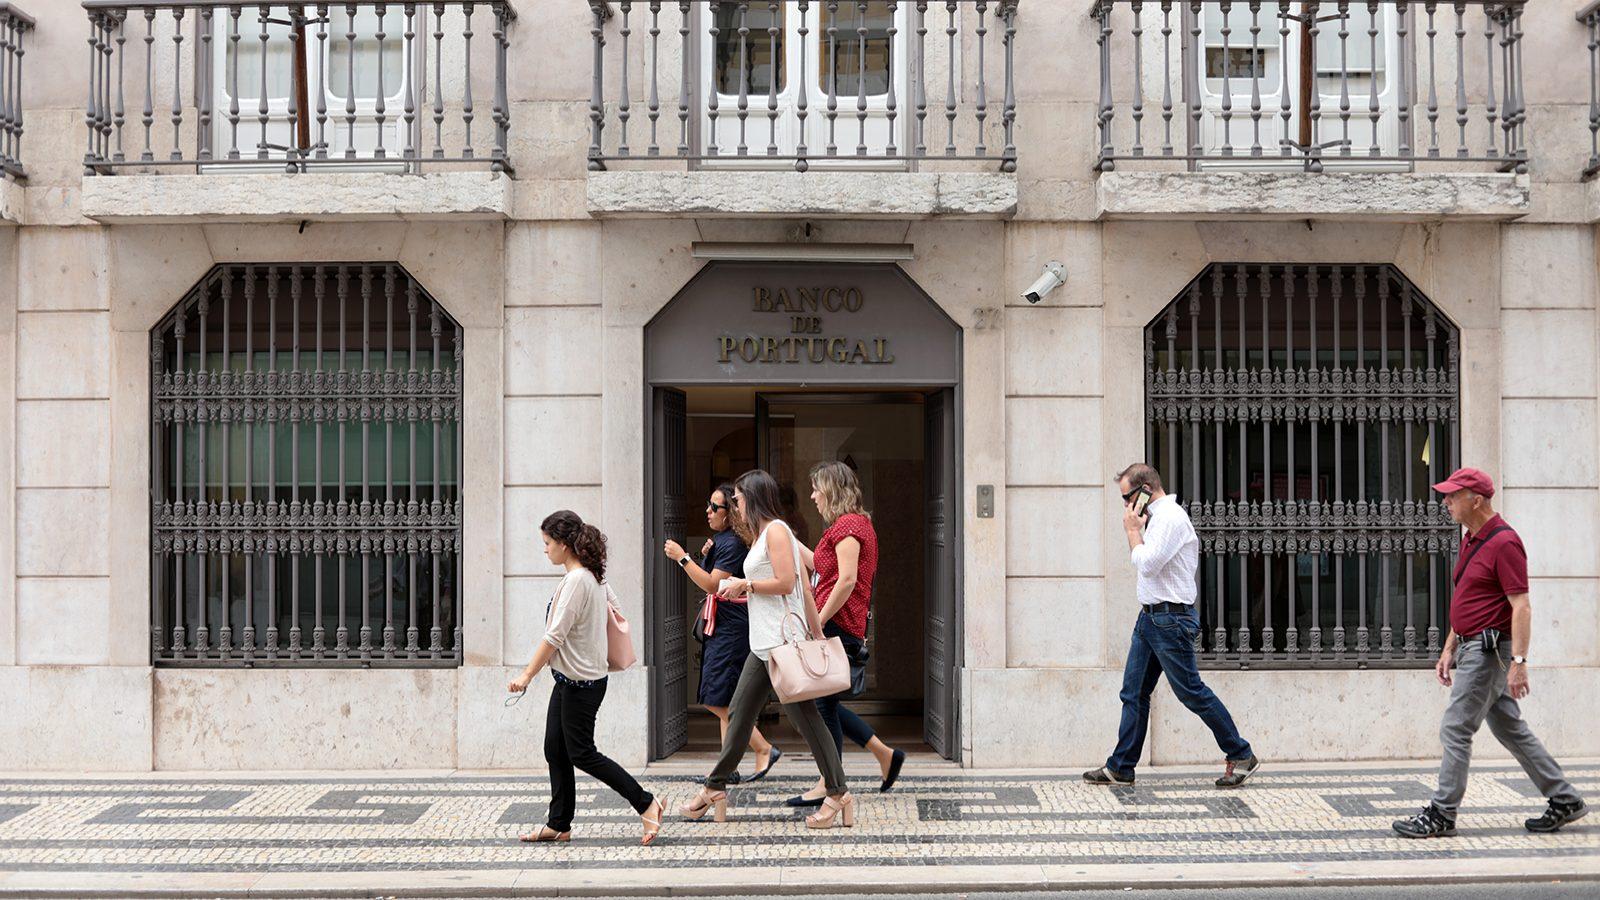 Banco de Portugal aplica quase 700 mil euros em coimas no primeiro trimestre